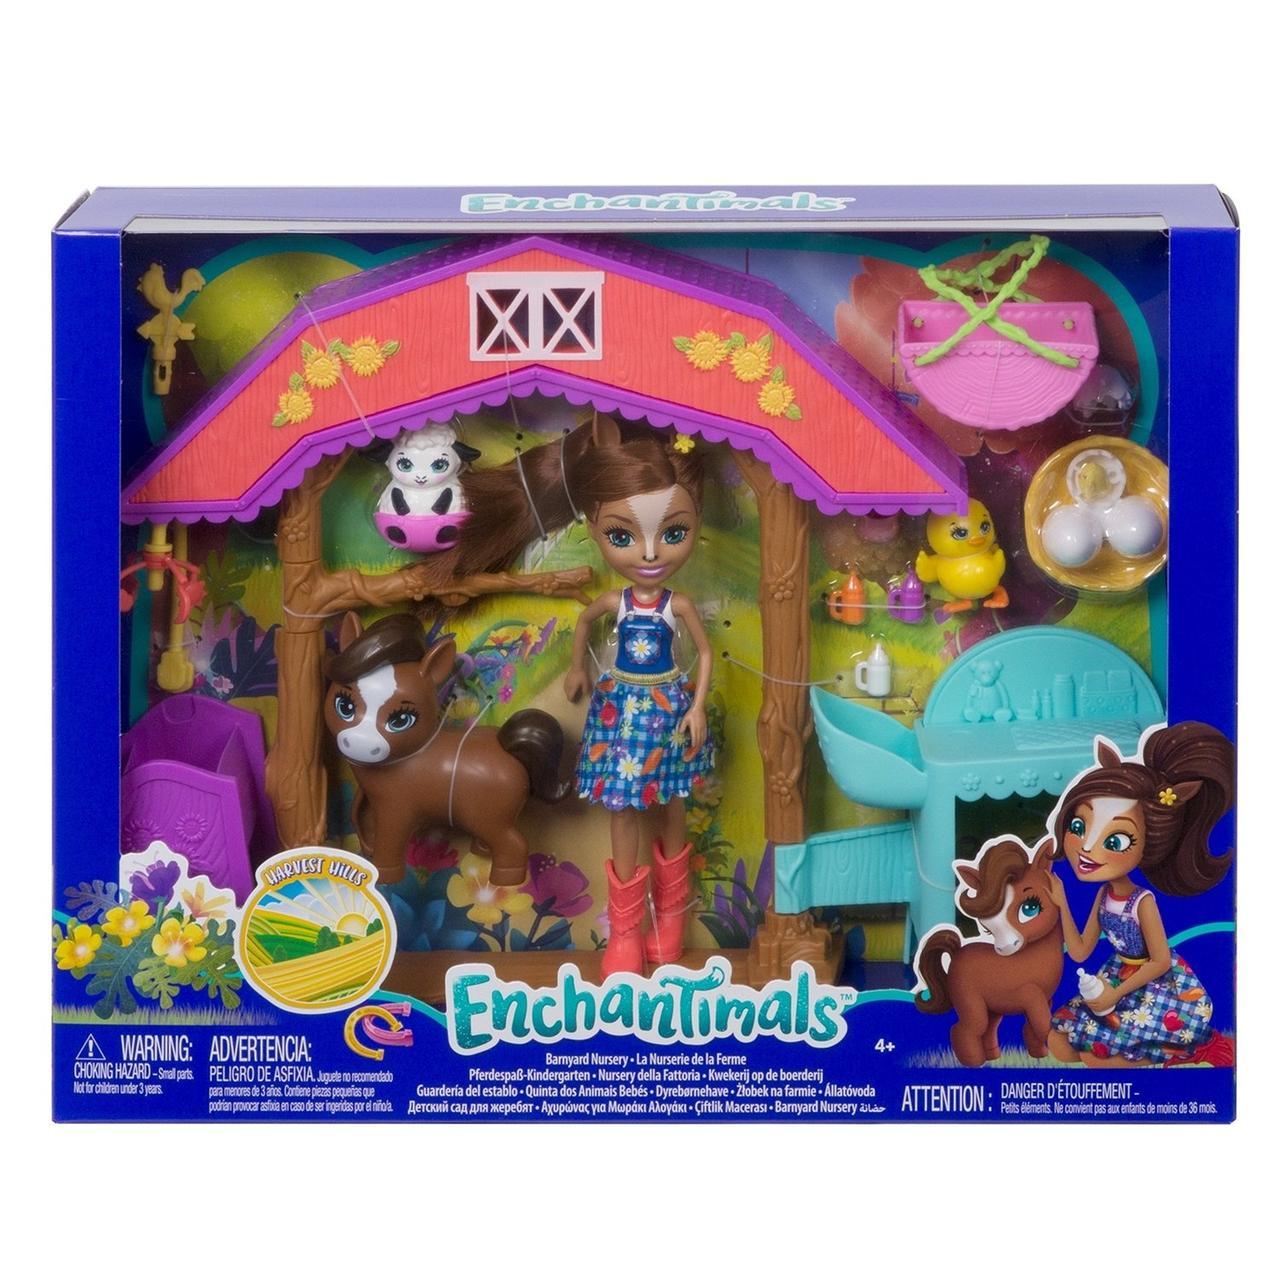 Enchantimals Игровой Набор Энчантималс GJX23 Детский сад для жеребят Хейди Хорс - фото 5